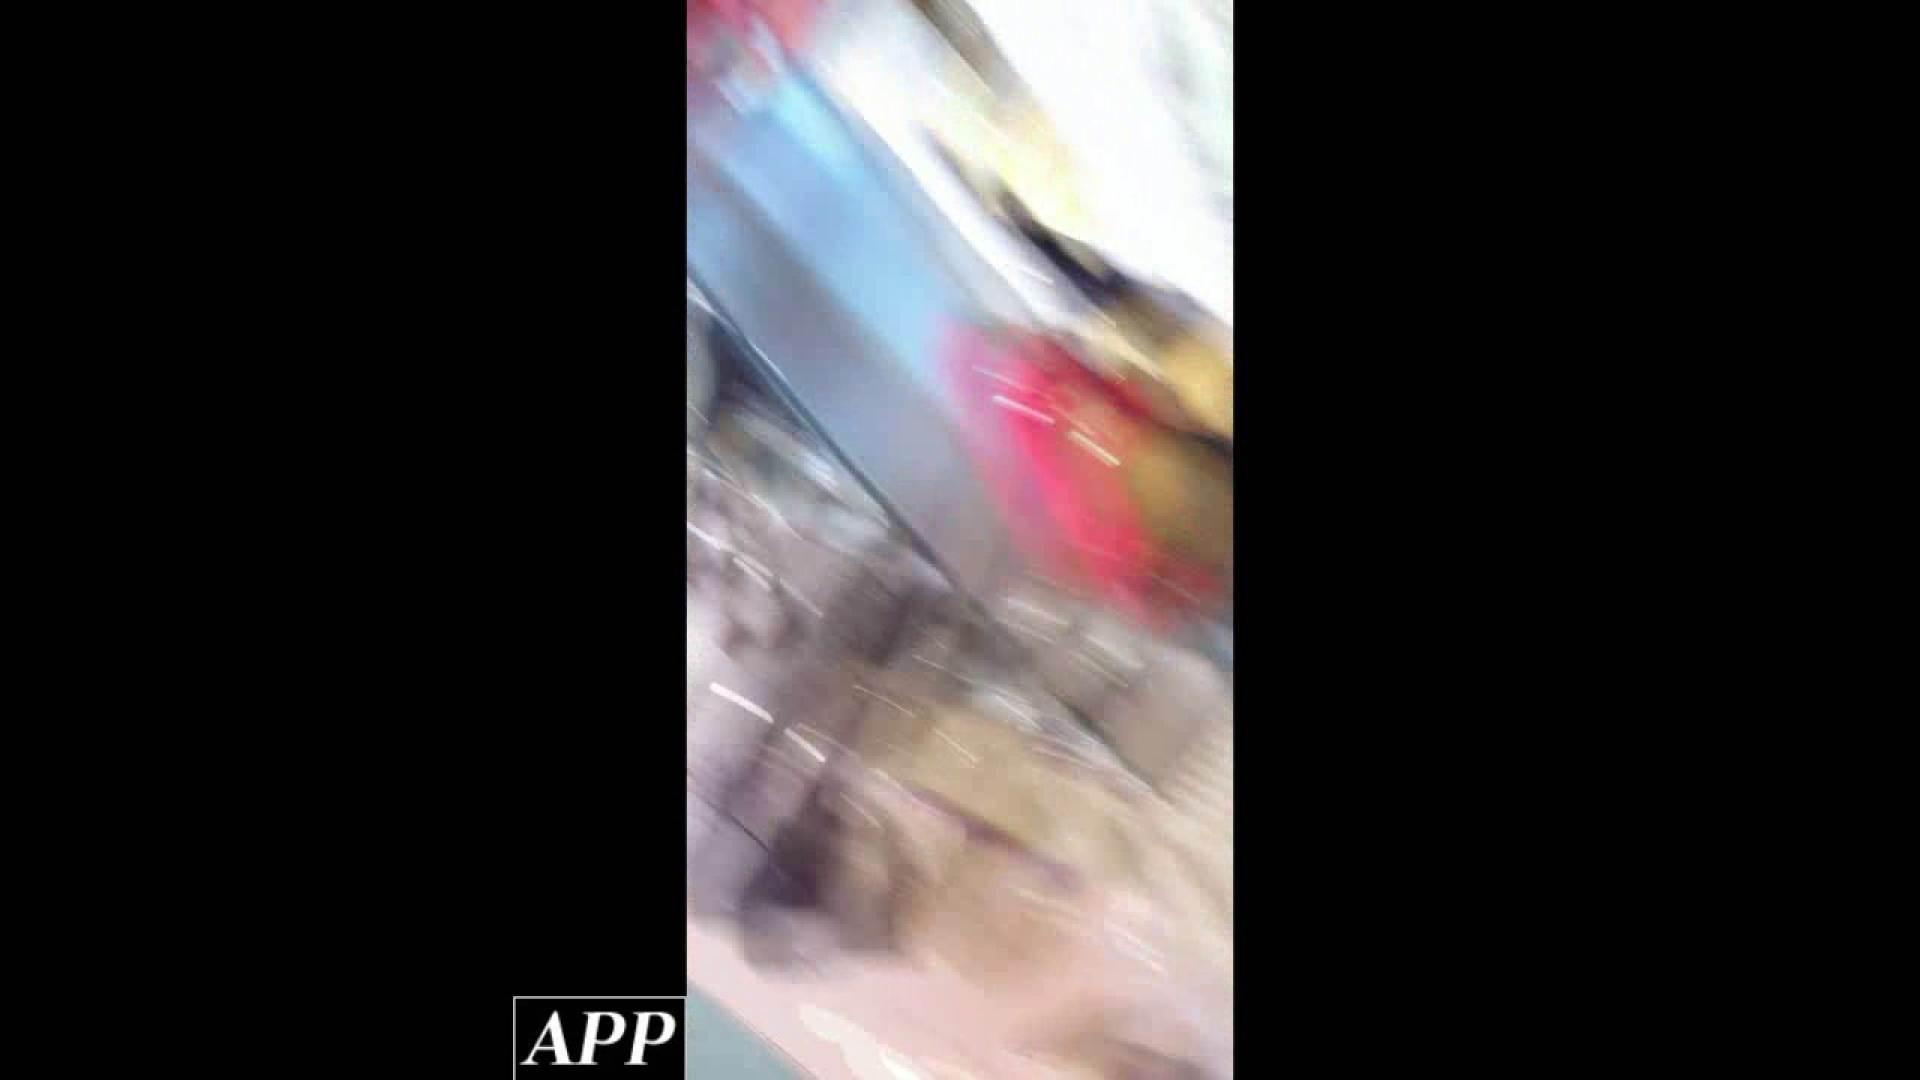 ハイビジョン盗撮!ショップ店員千人斬り!胸チラ編 vol.94 チクビ編  76PIX 55